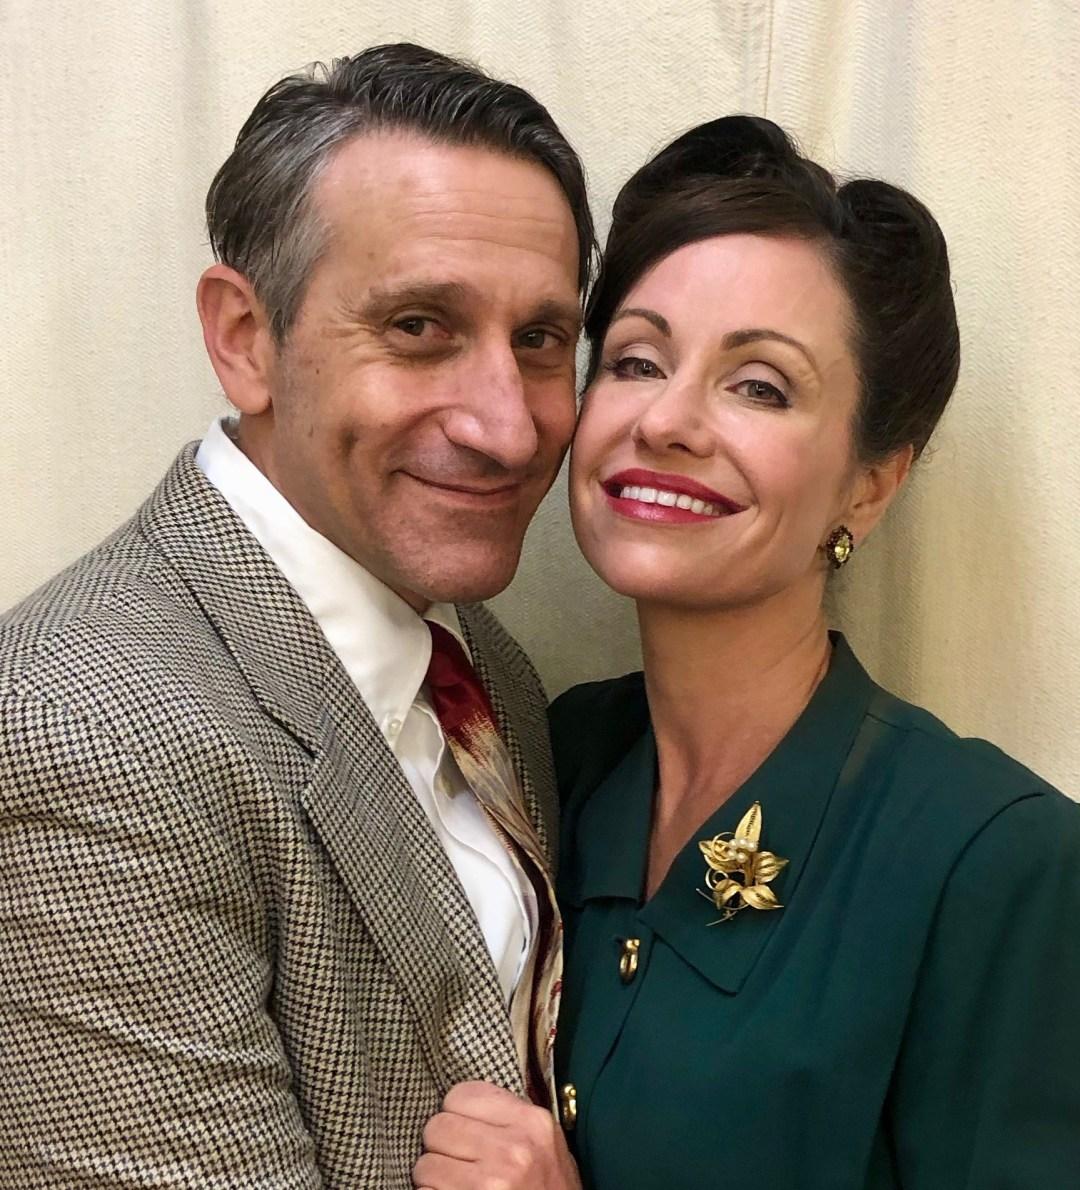 Jeff and Jennifer Cote